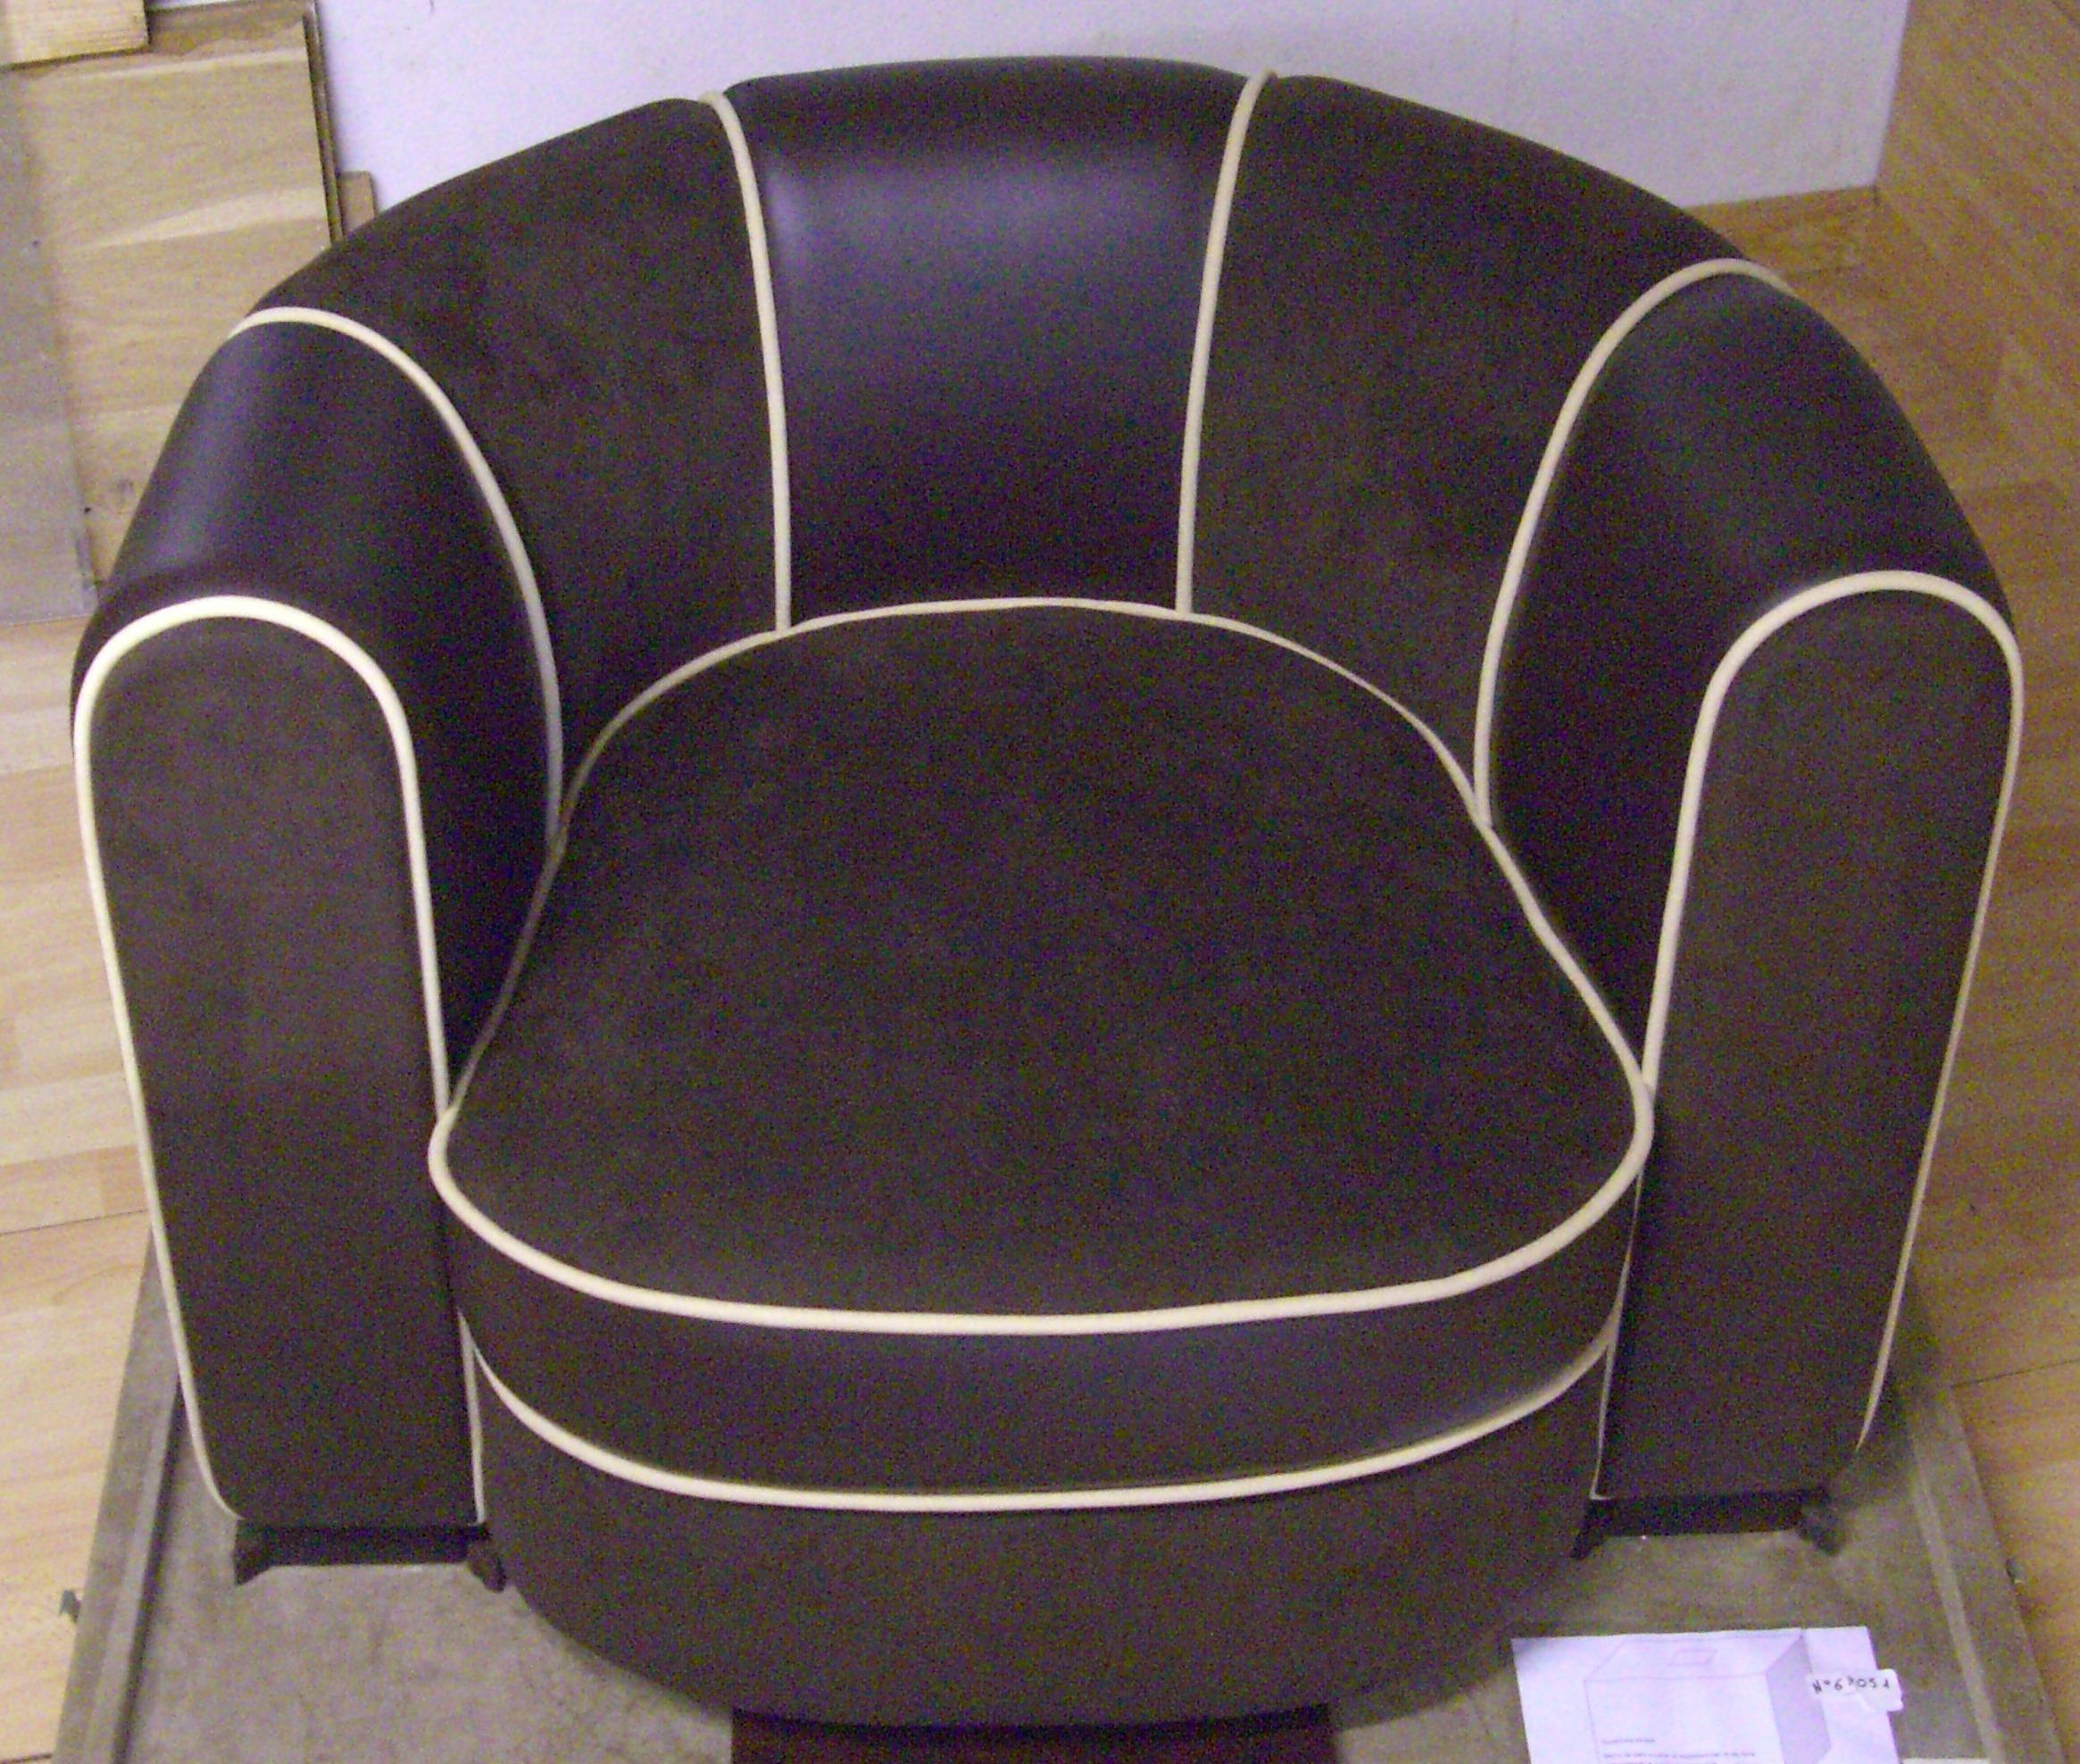 Laurent Daniel fauteuil concours MOF janvier 2010